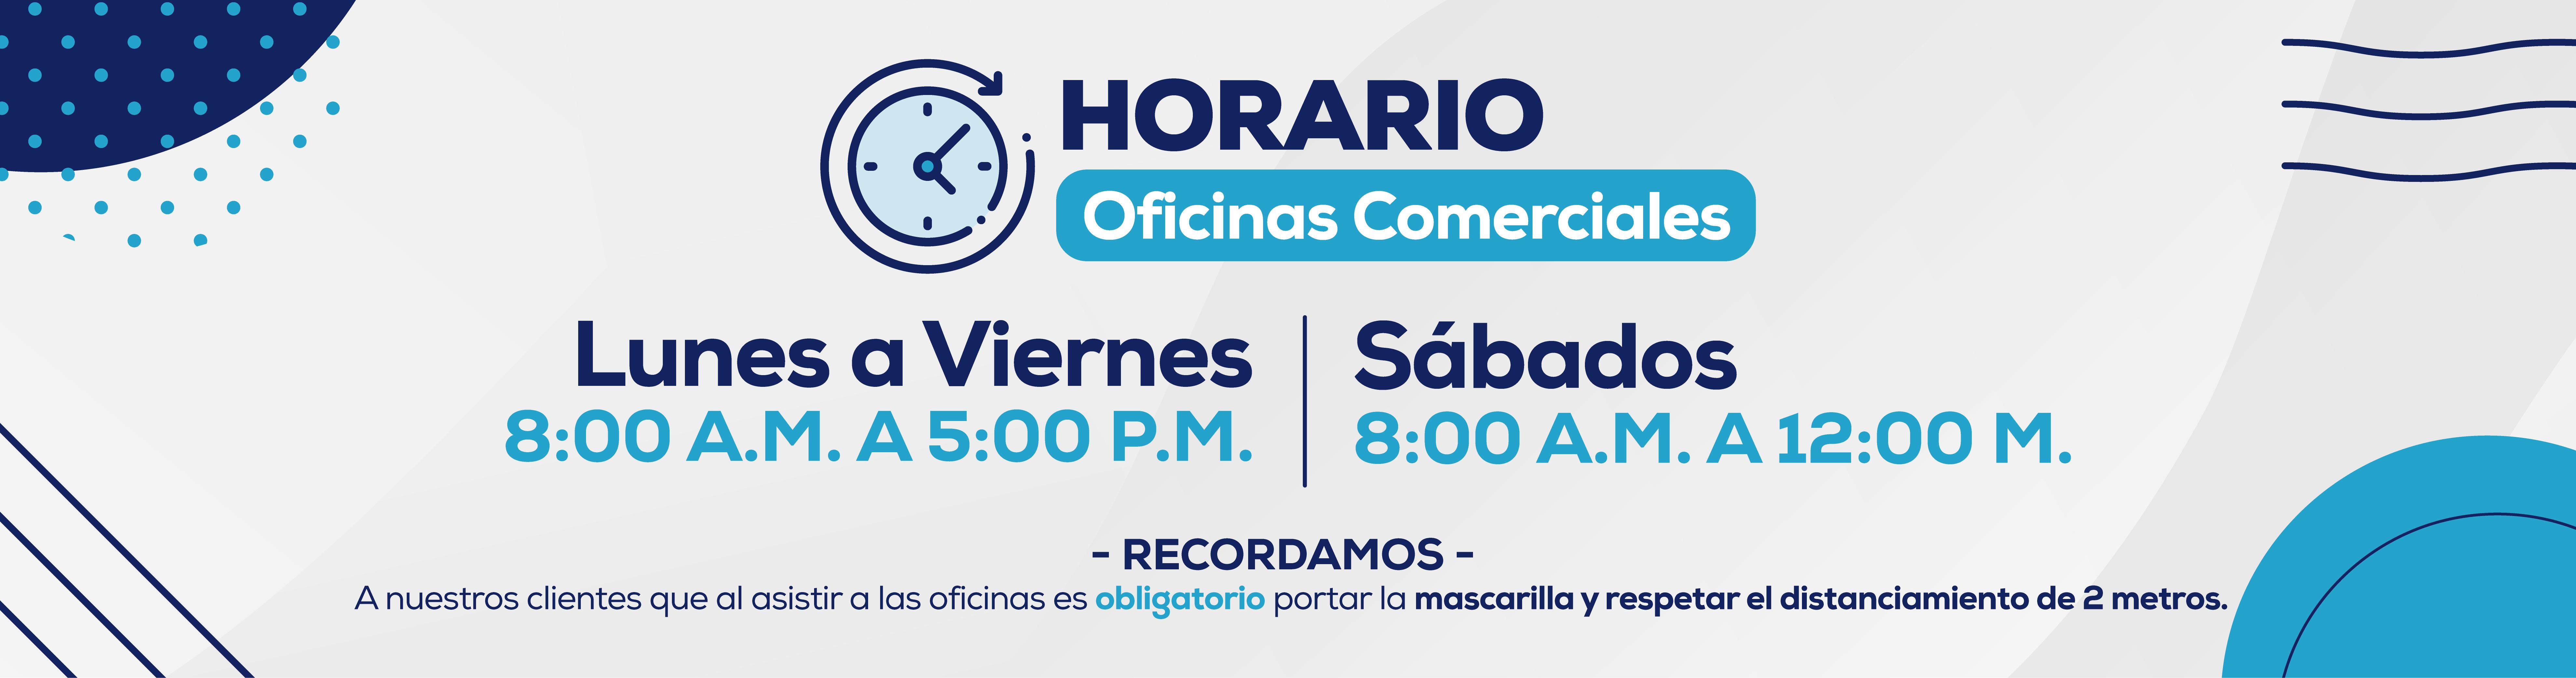 Nuevo Horario, Junio, OficinasComerciales_Slide Web